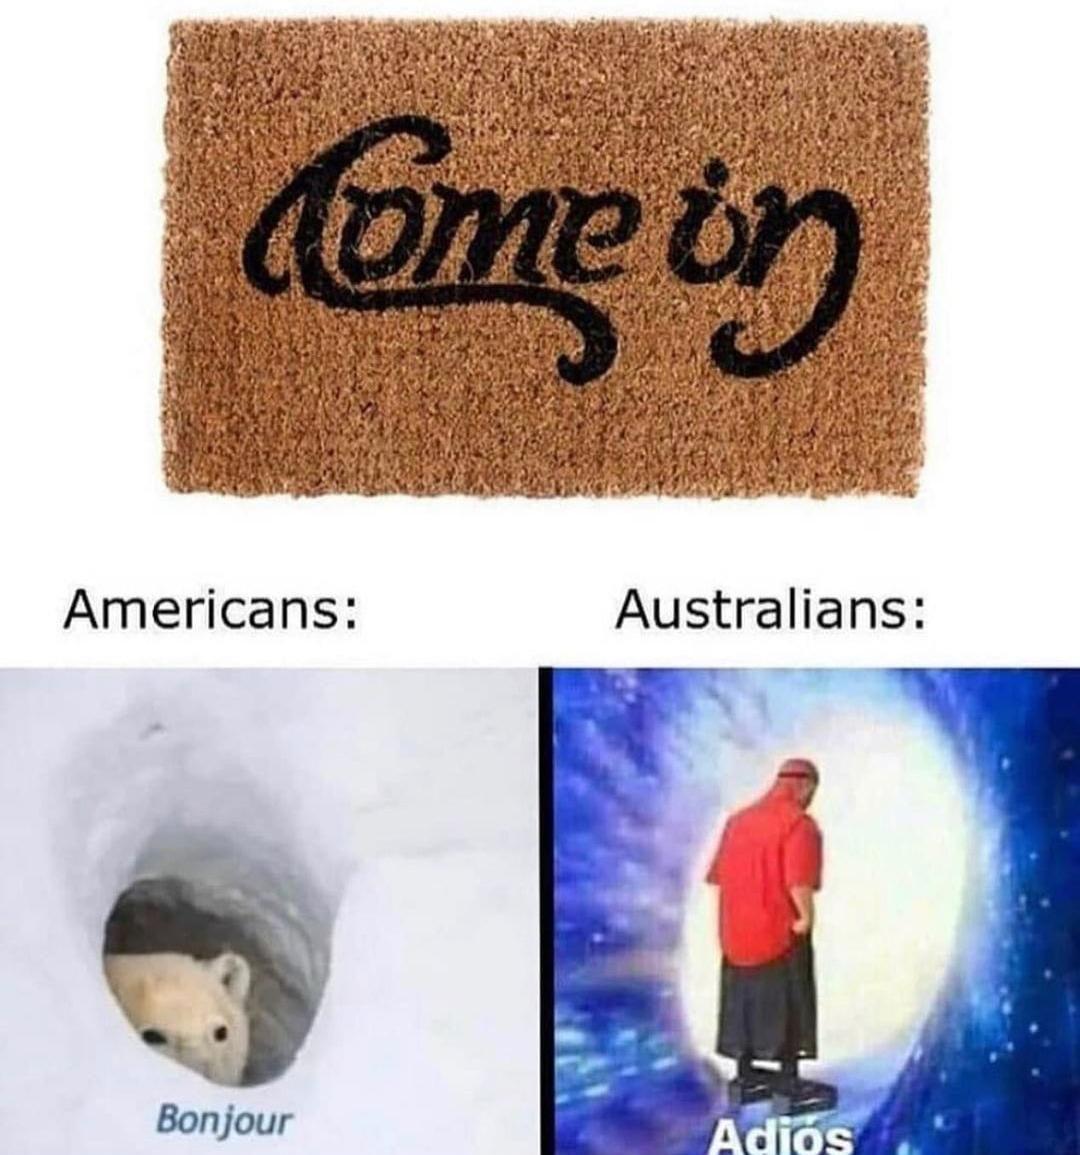 Poor Australians